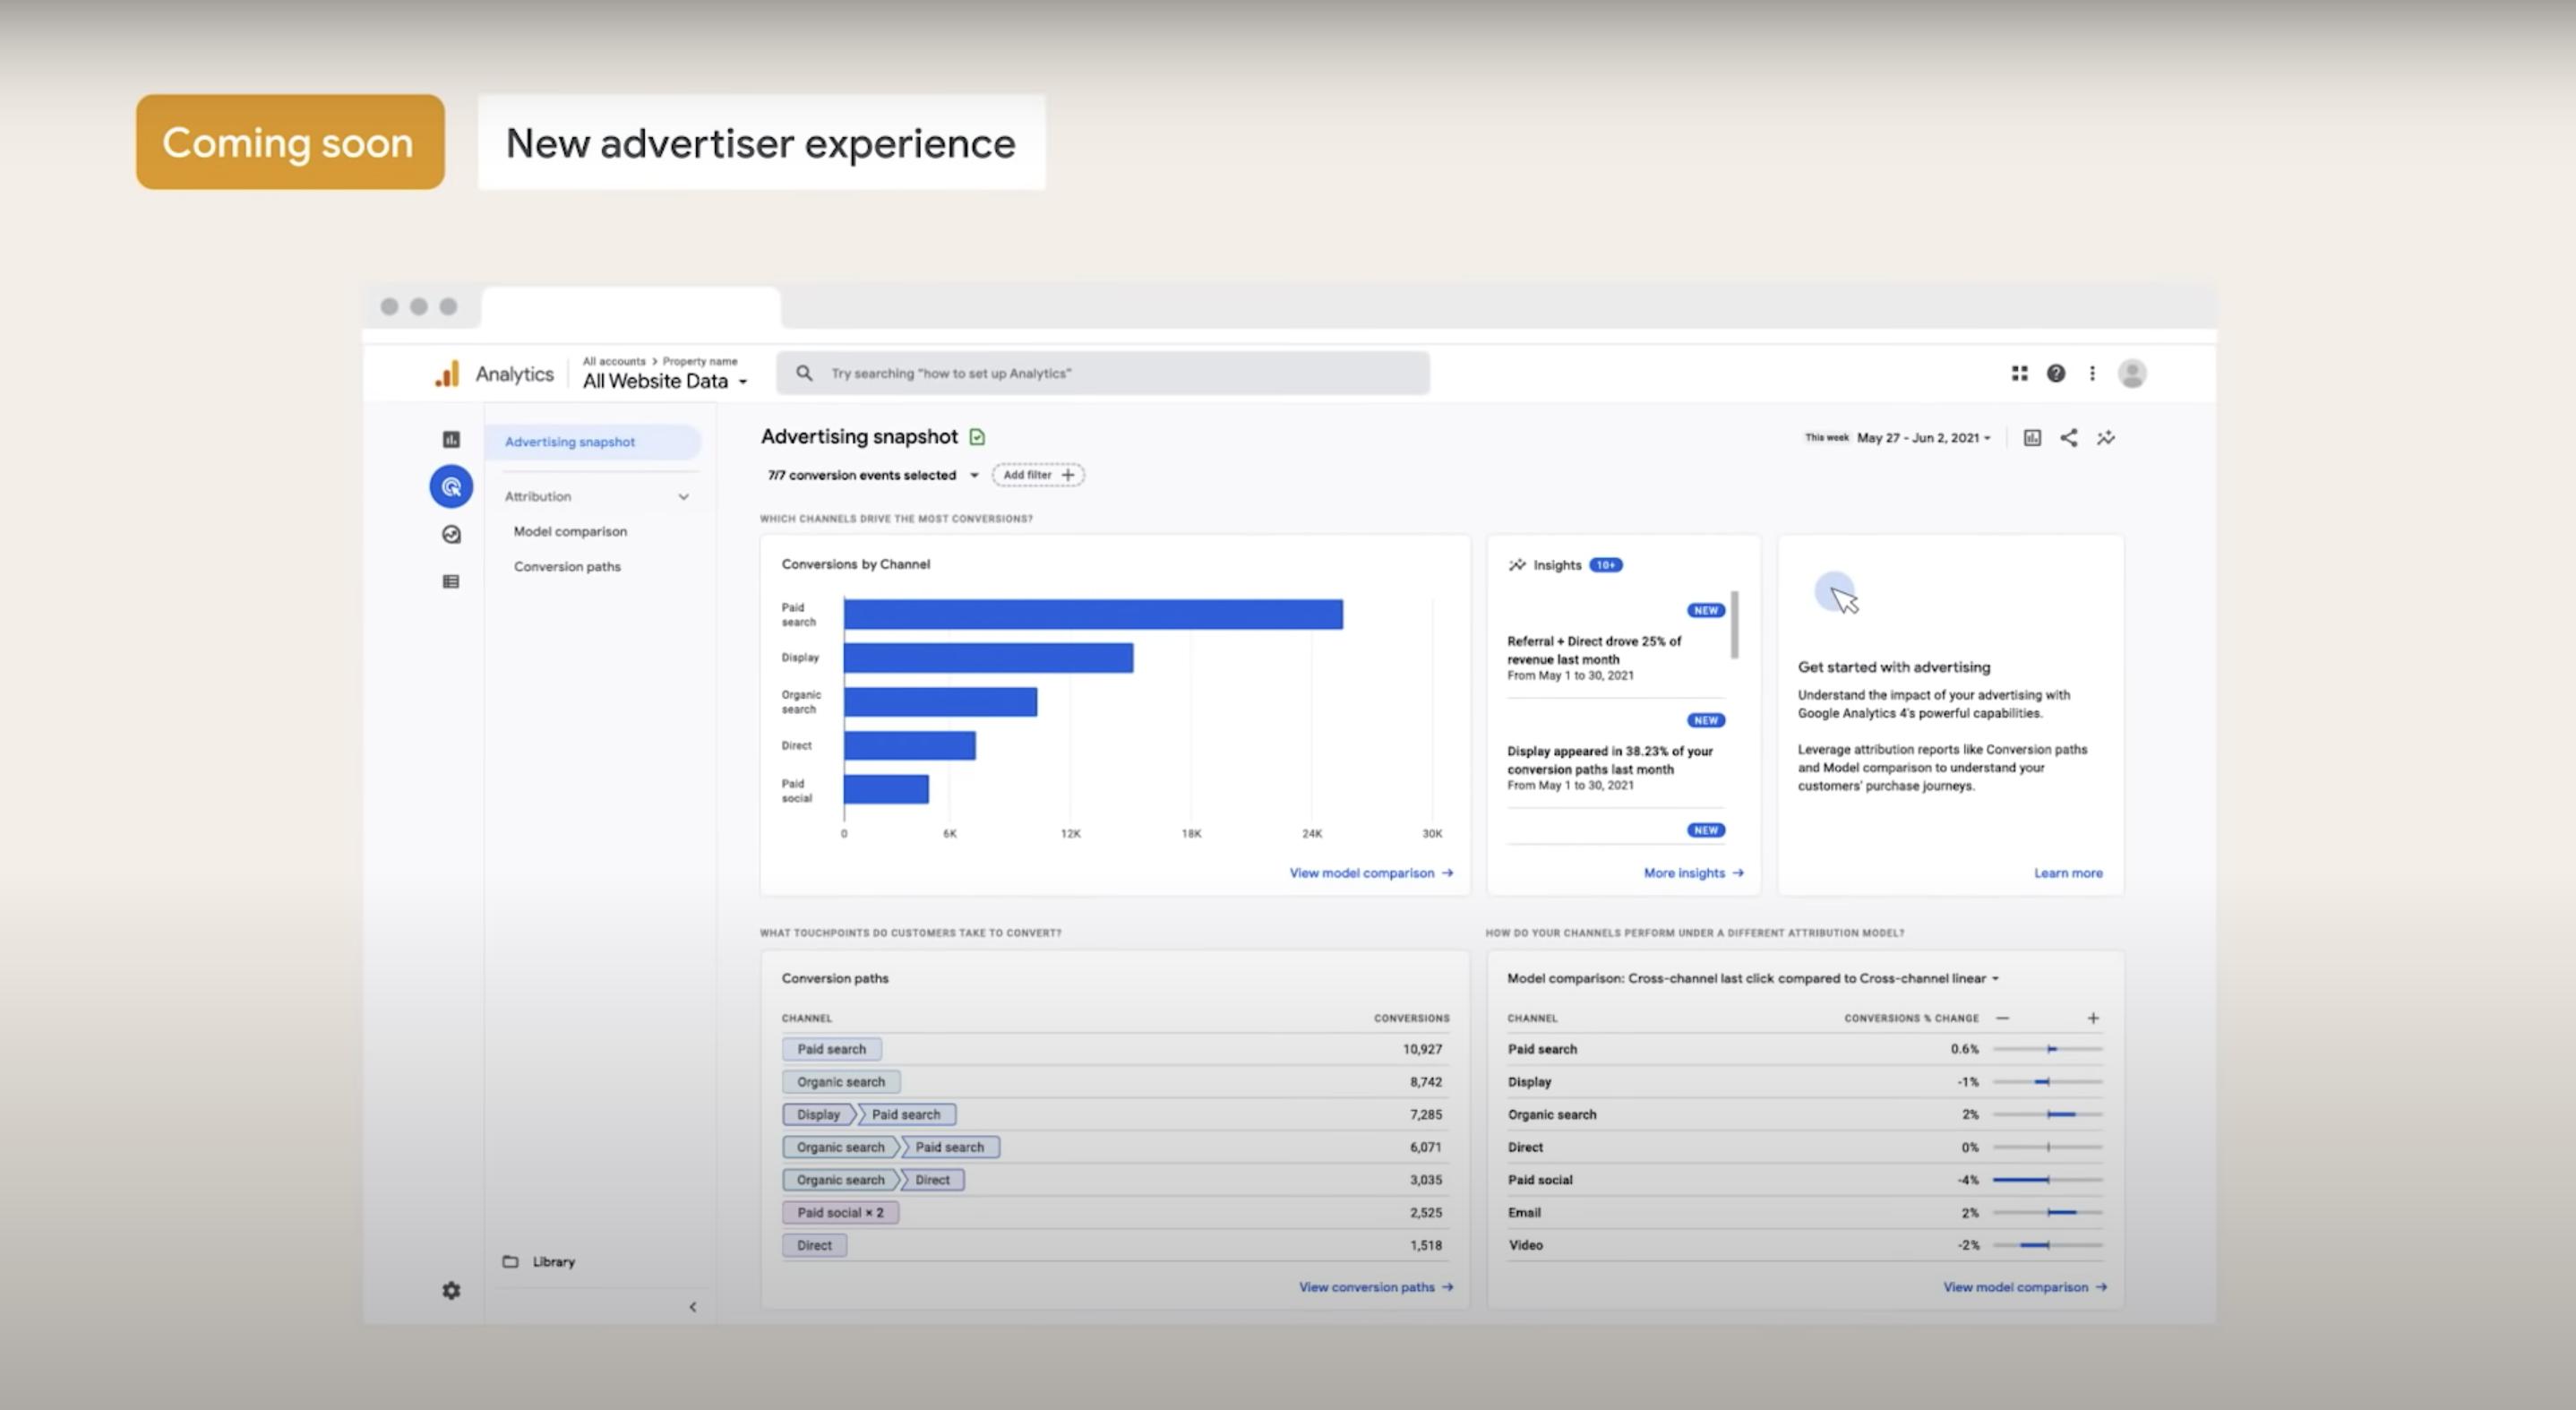 Google Analytics új hirdetői megjelenés